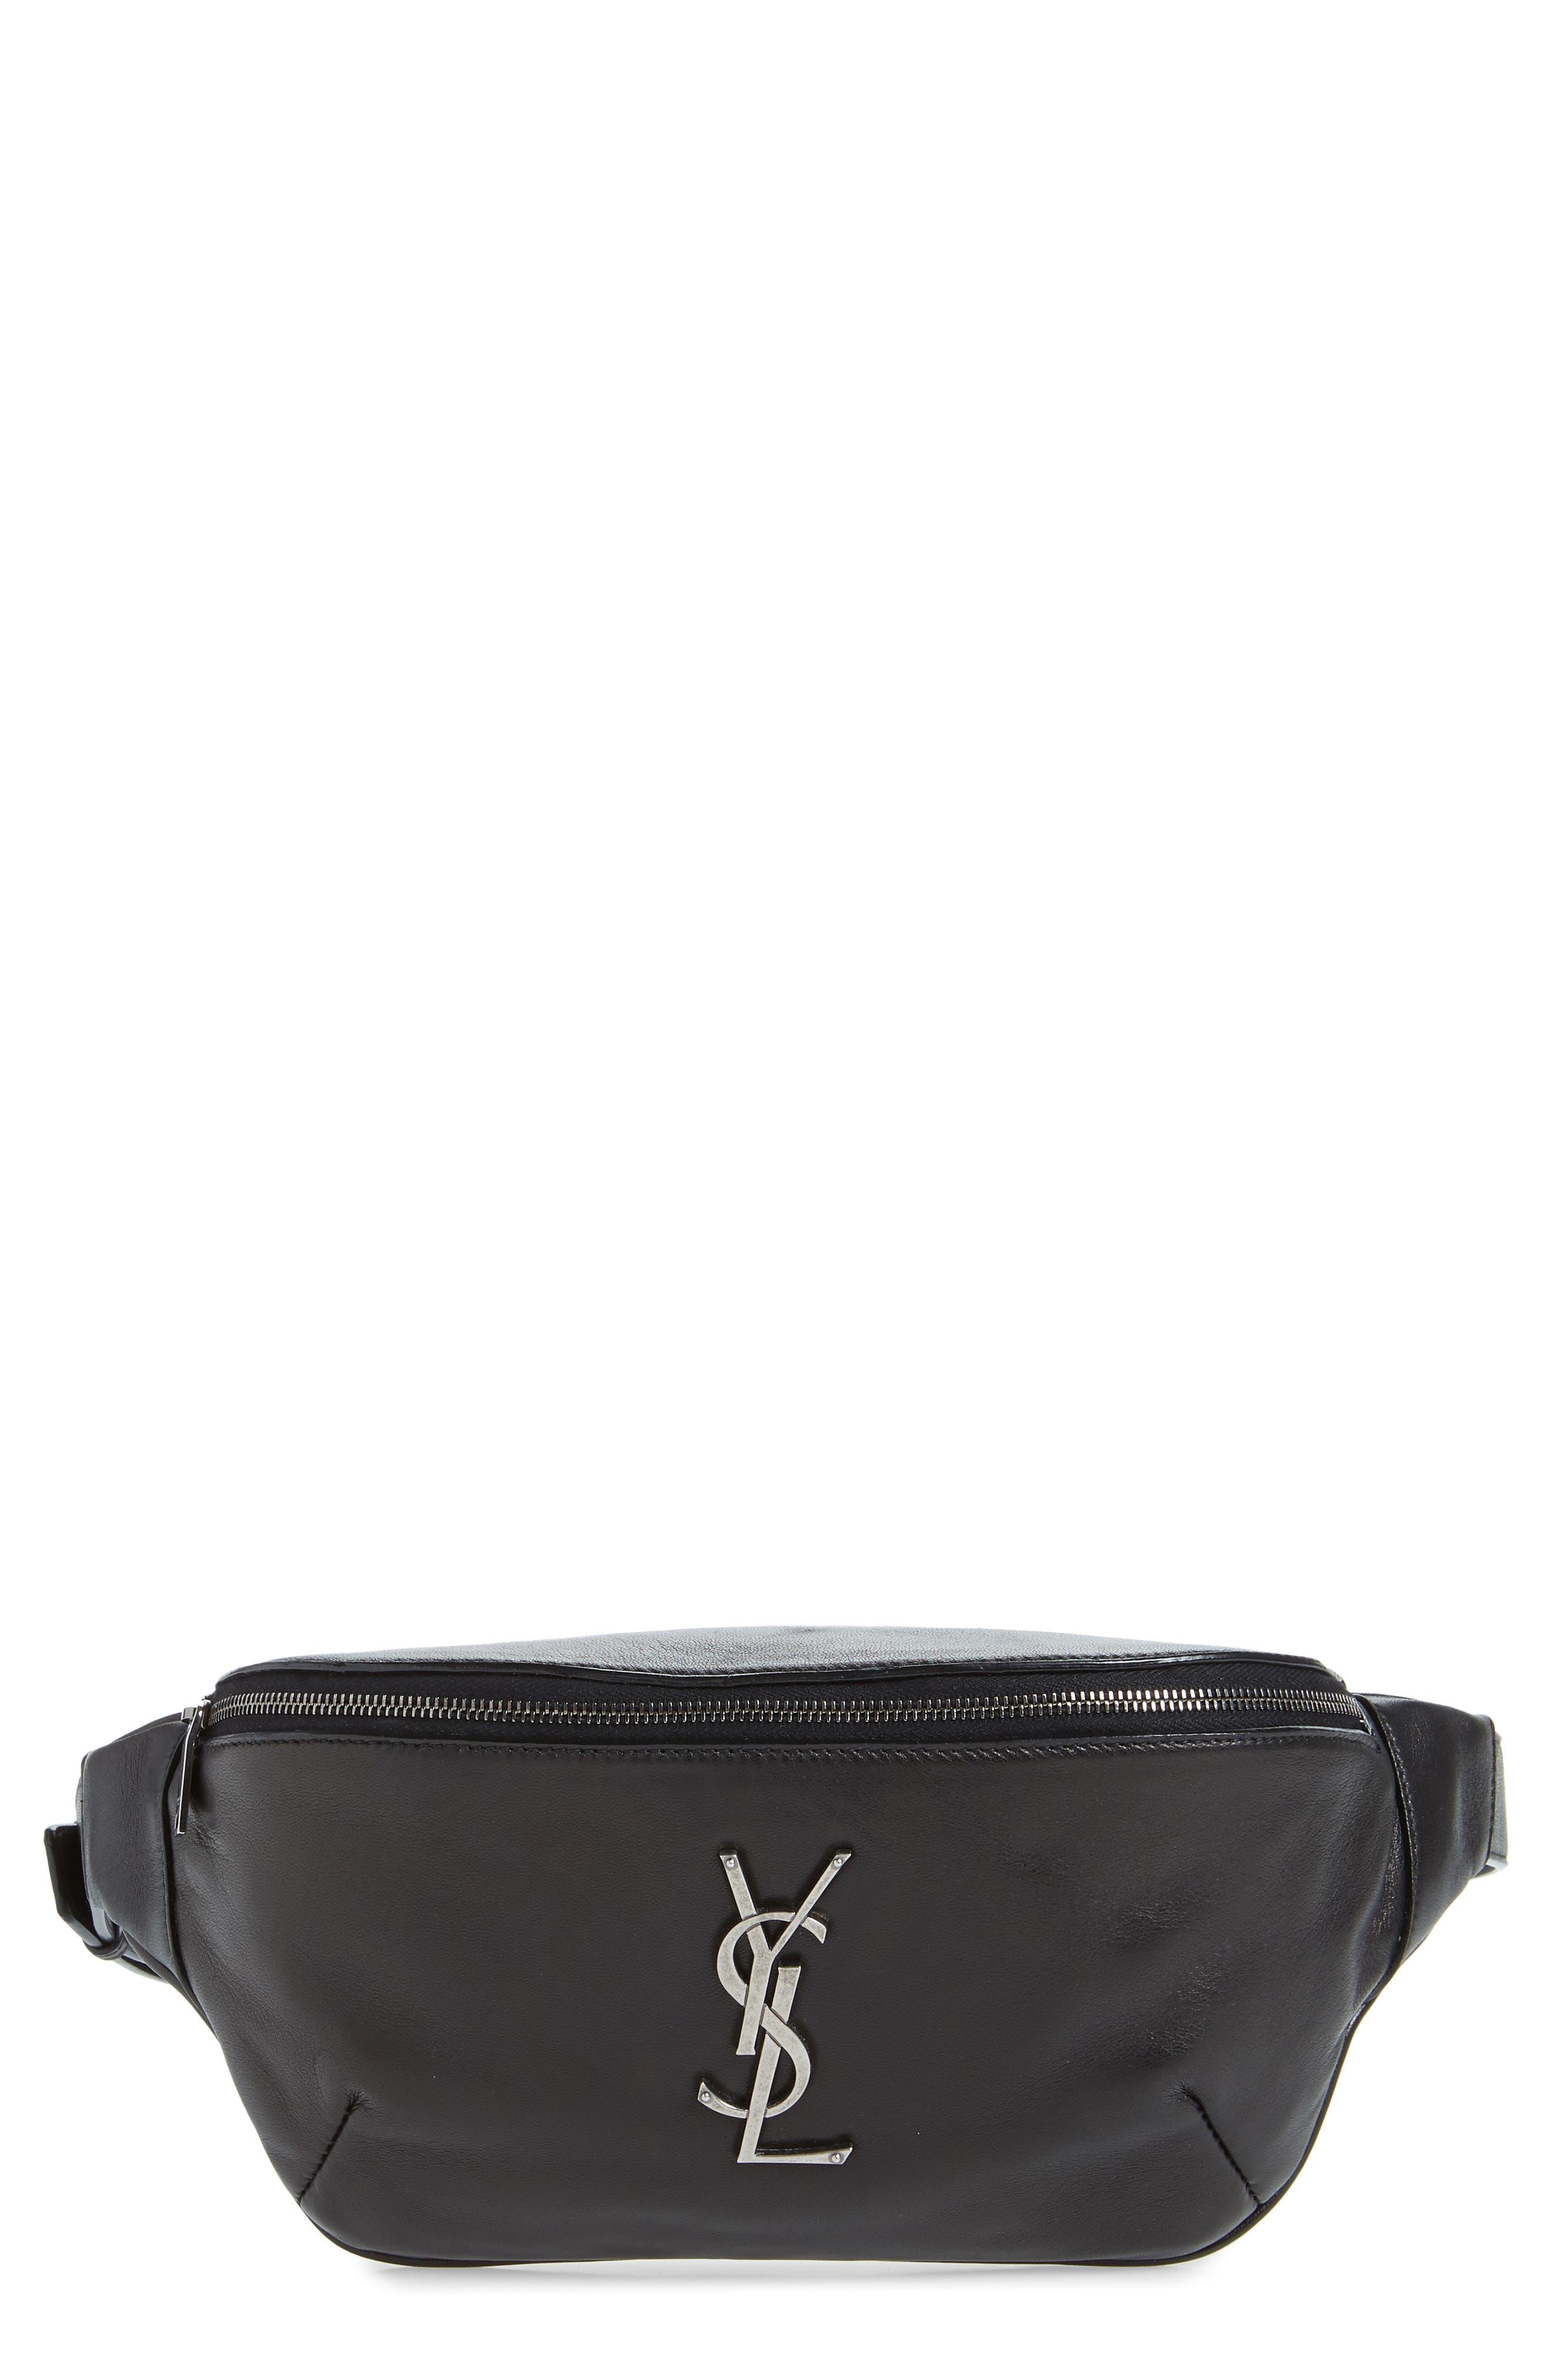 d8144fab78 Saint Laurent Belt Bags & Fanny Packs | Nordstrom